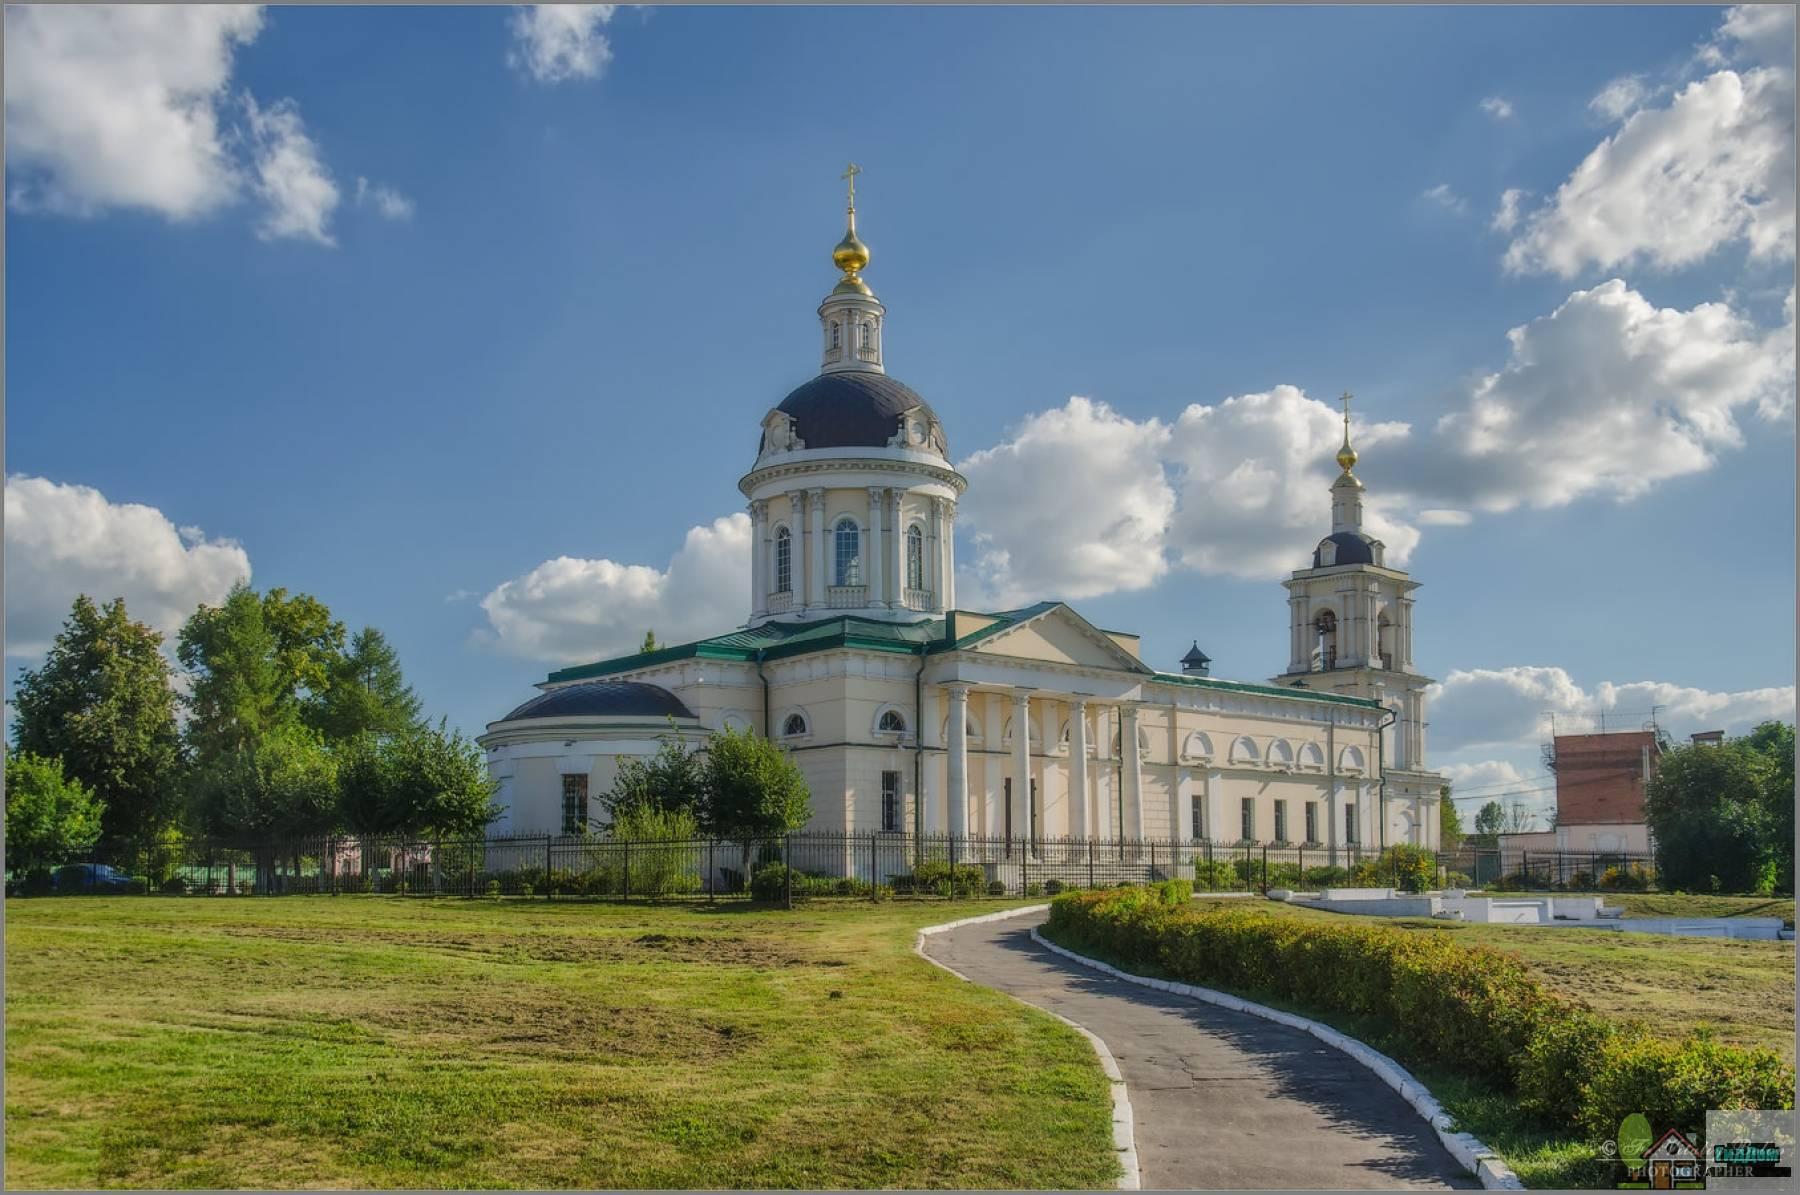 Церковь Архангела Михаила. Снимок загружен из открытых источников. Автор неизвестен.